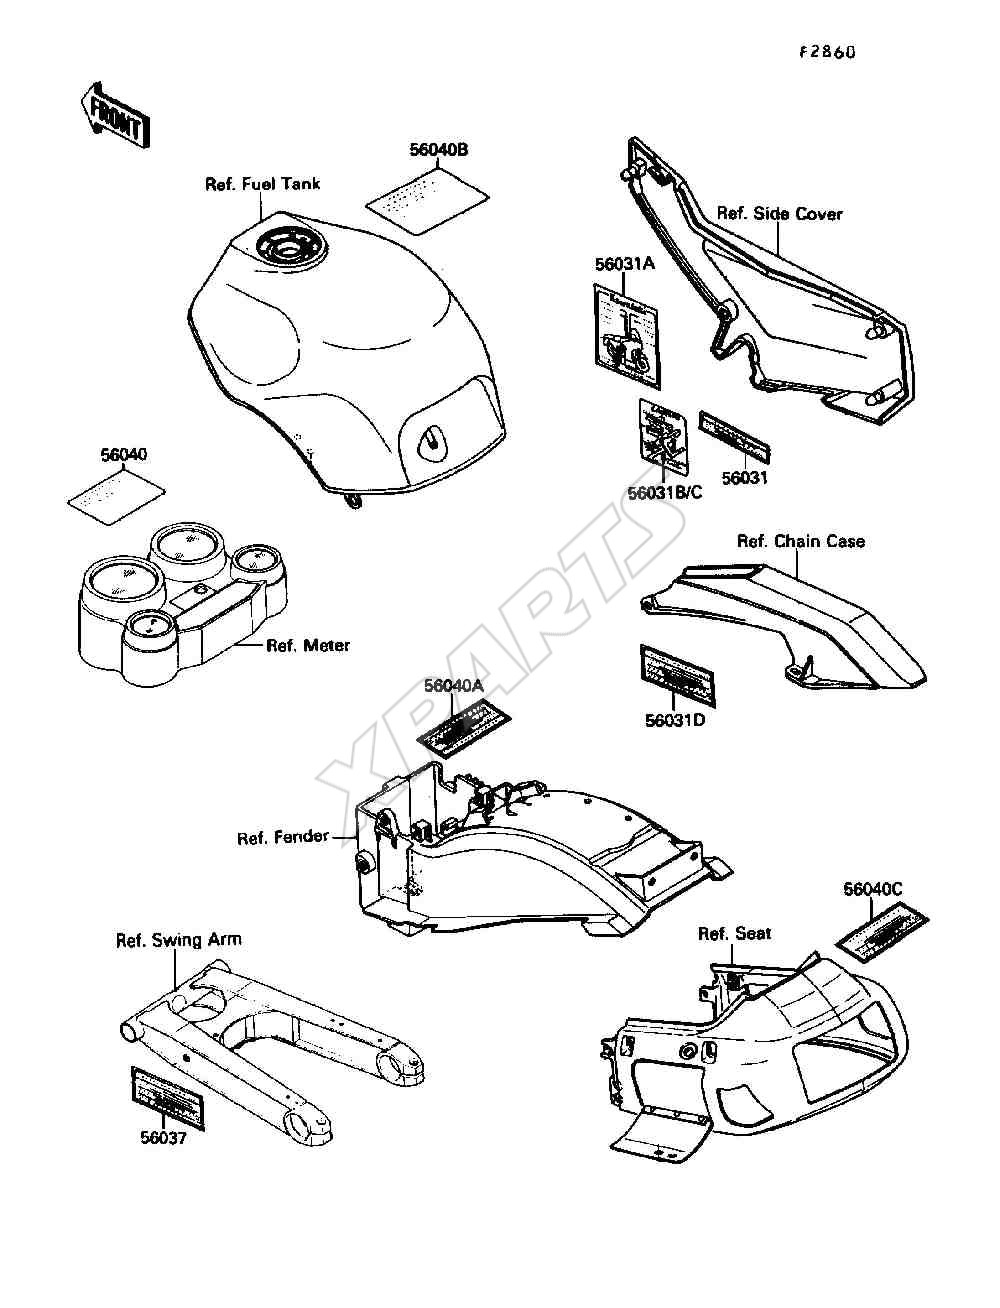 Kawasaki Ninja ZX-10 (ZX1000-B3) Labels (1990)